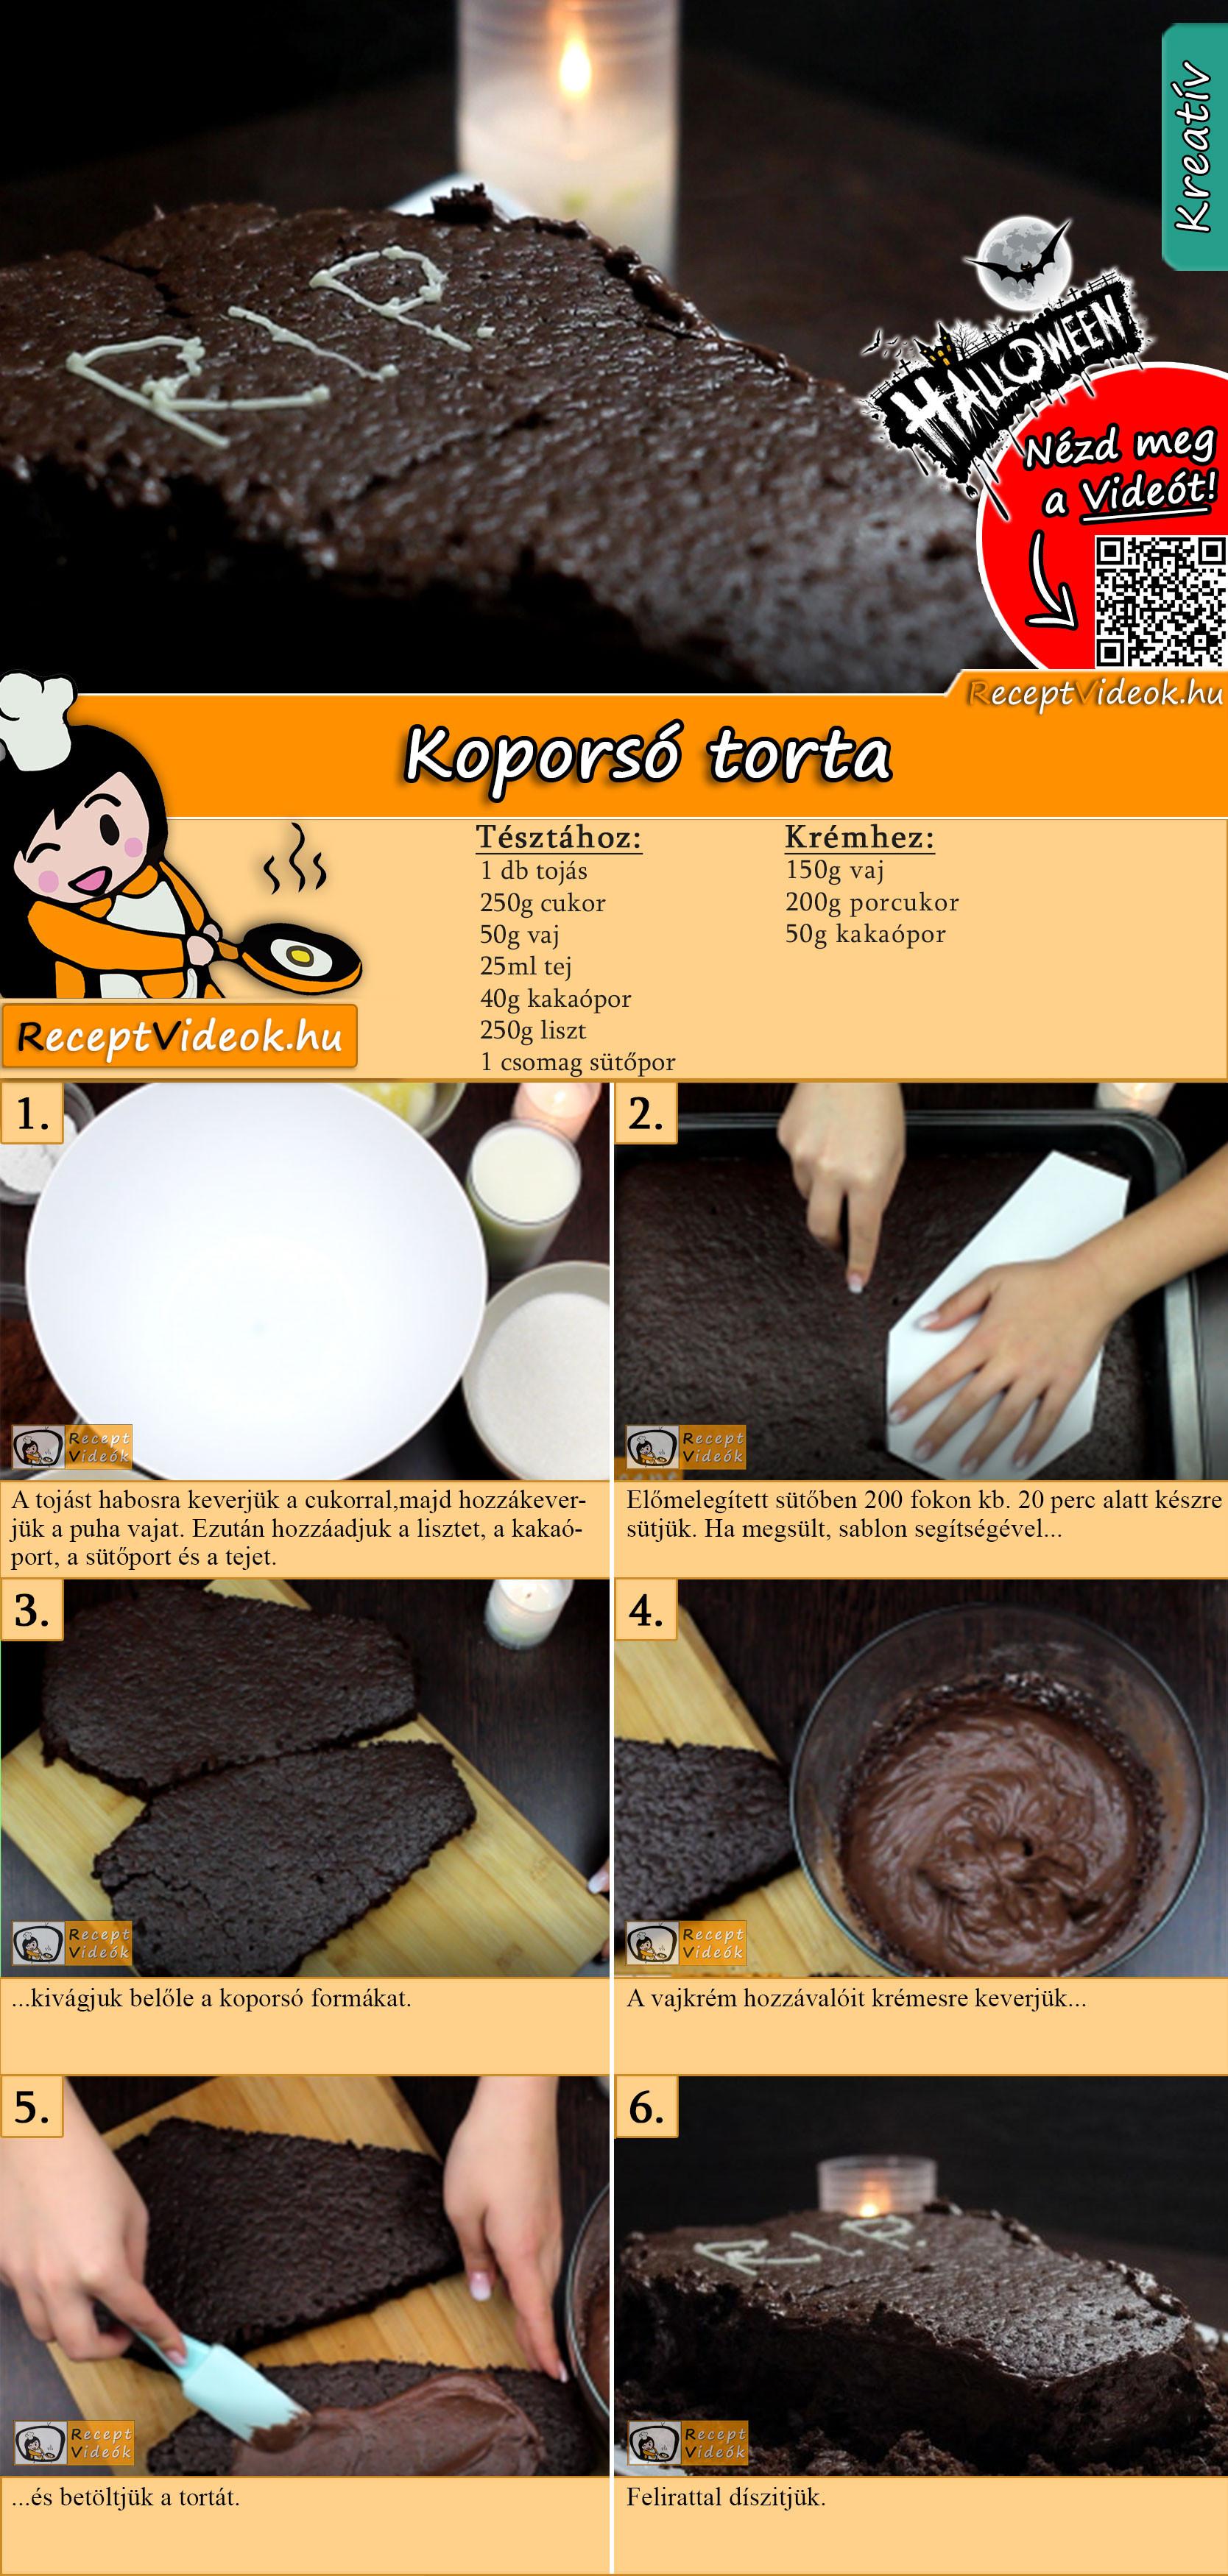 Koporsó torta recept elkészítése videóval